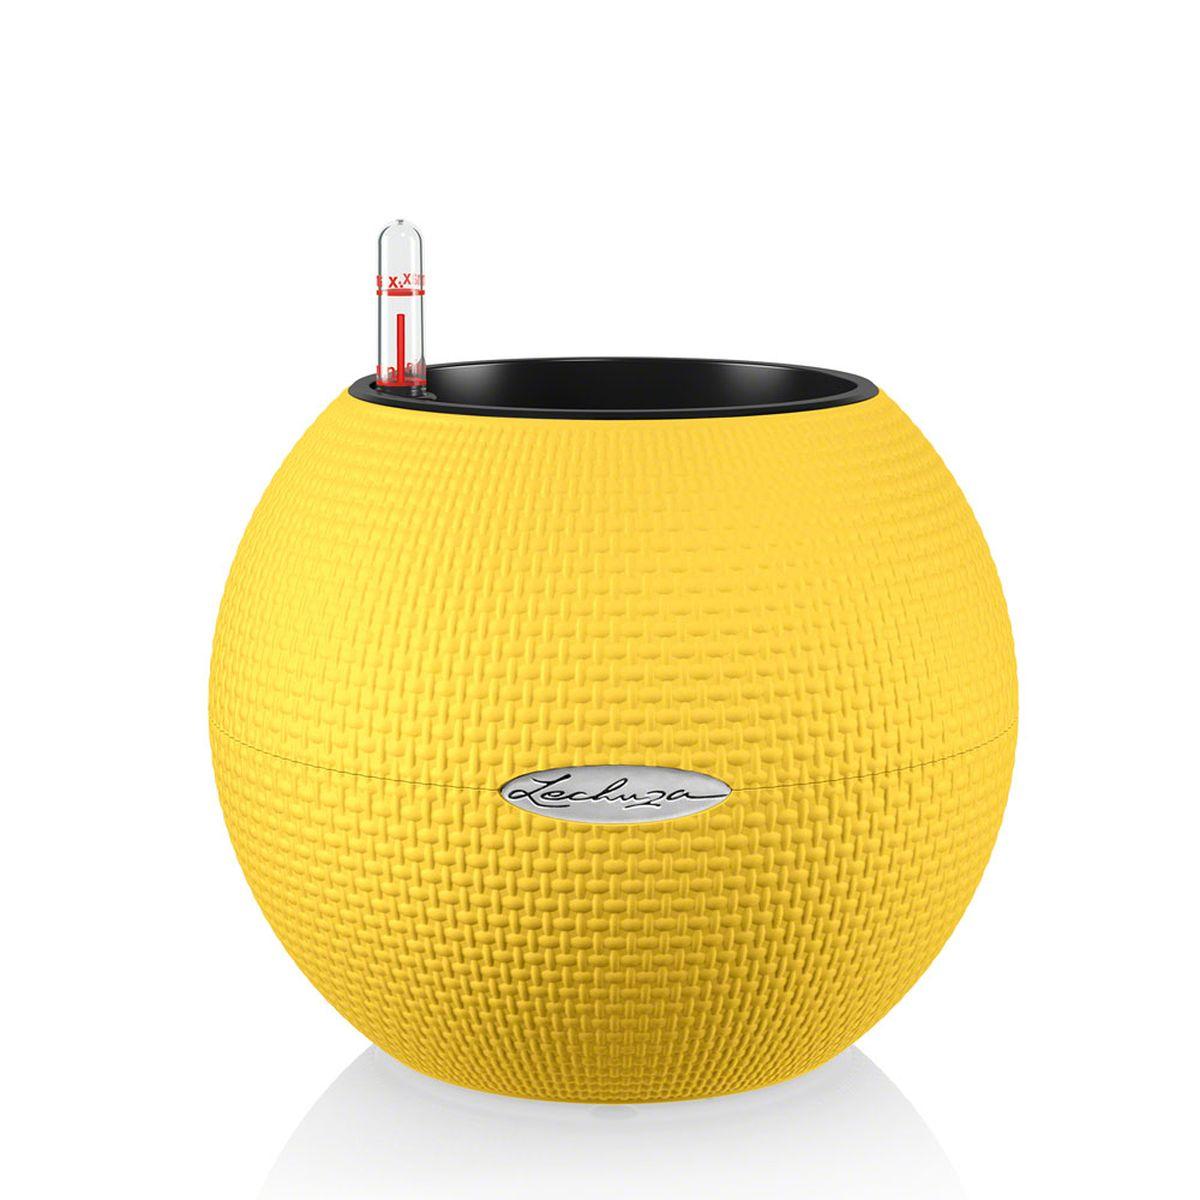 Кашпо Lechuza Color Puro, с системой автополива, цвет: желтый, диаметр 20 см13367Круглое кашпо Lechuza Color Puro, выполненное из высококачественного пластика, имеет уникальную систему автополива, благодаря которой корневая система растения непрерывно снабжается влагой из резервуара. Уровень воды в резервуаре контролируется с помощью специального индикатора. В зависимости от размера кашпо и растения воды хватает на 2-12 недель. Это способствует хорошему росту цветов и предотвращает переувлажнение. В набор входит: кашпо, внутренний горшок, индикатор уровня воды, резервуар для воды. Внутренний горшок, оснащенный выдвижными ручками, обеспечивает: - легкую переноску даже высоких растений; - легкую смену растений; - можно также просто убрать растения на зиму; - винт в днище позволяет стечь излишней дождевой воде наружу. Кашпо Lechuza Color Puro прекрасно впишется в интерьер больших холлов, террас ресторанов и уютных гостиных. Изделие поможет расставить нужные акценты и придаст помещению вид, соответствующий...